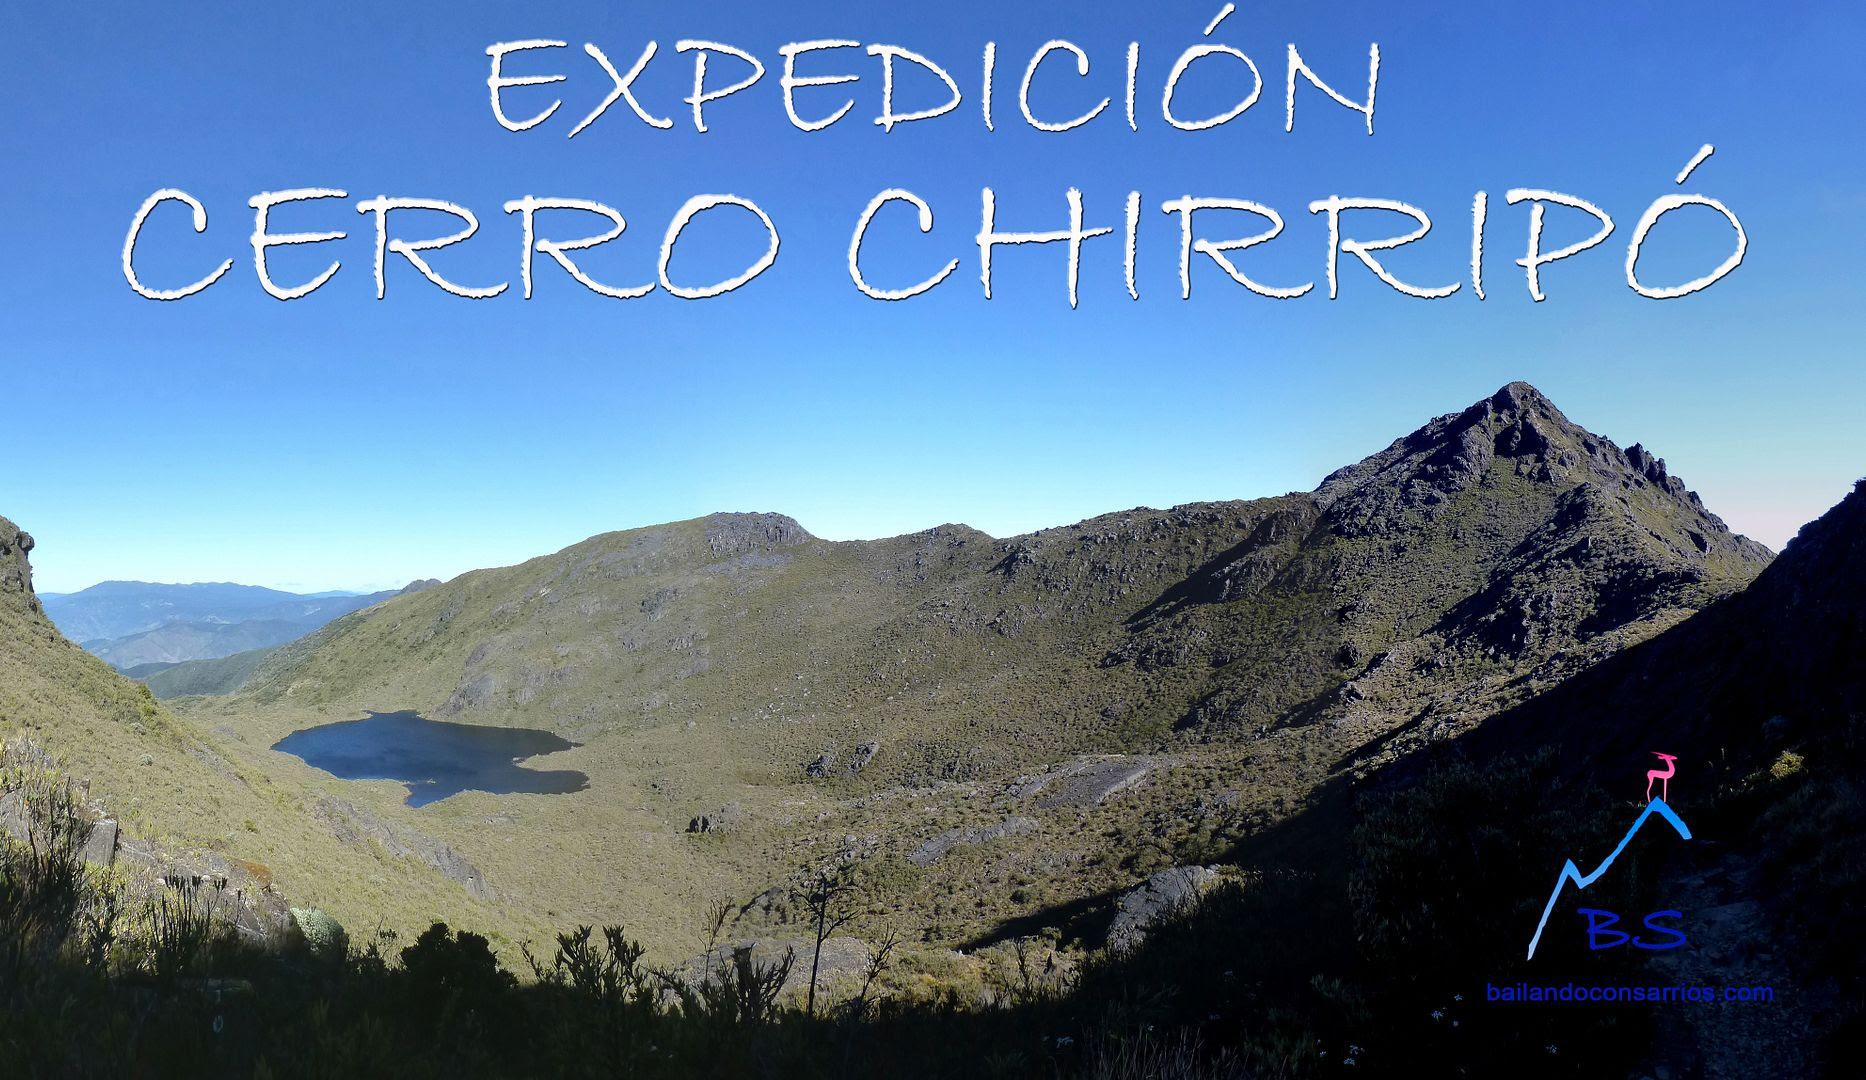 · 2013/02 CERRO CHIRRIPÓ (3.820 M) CORDILLERA TALAMANCA (COSTA RICA)